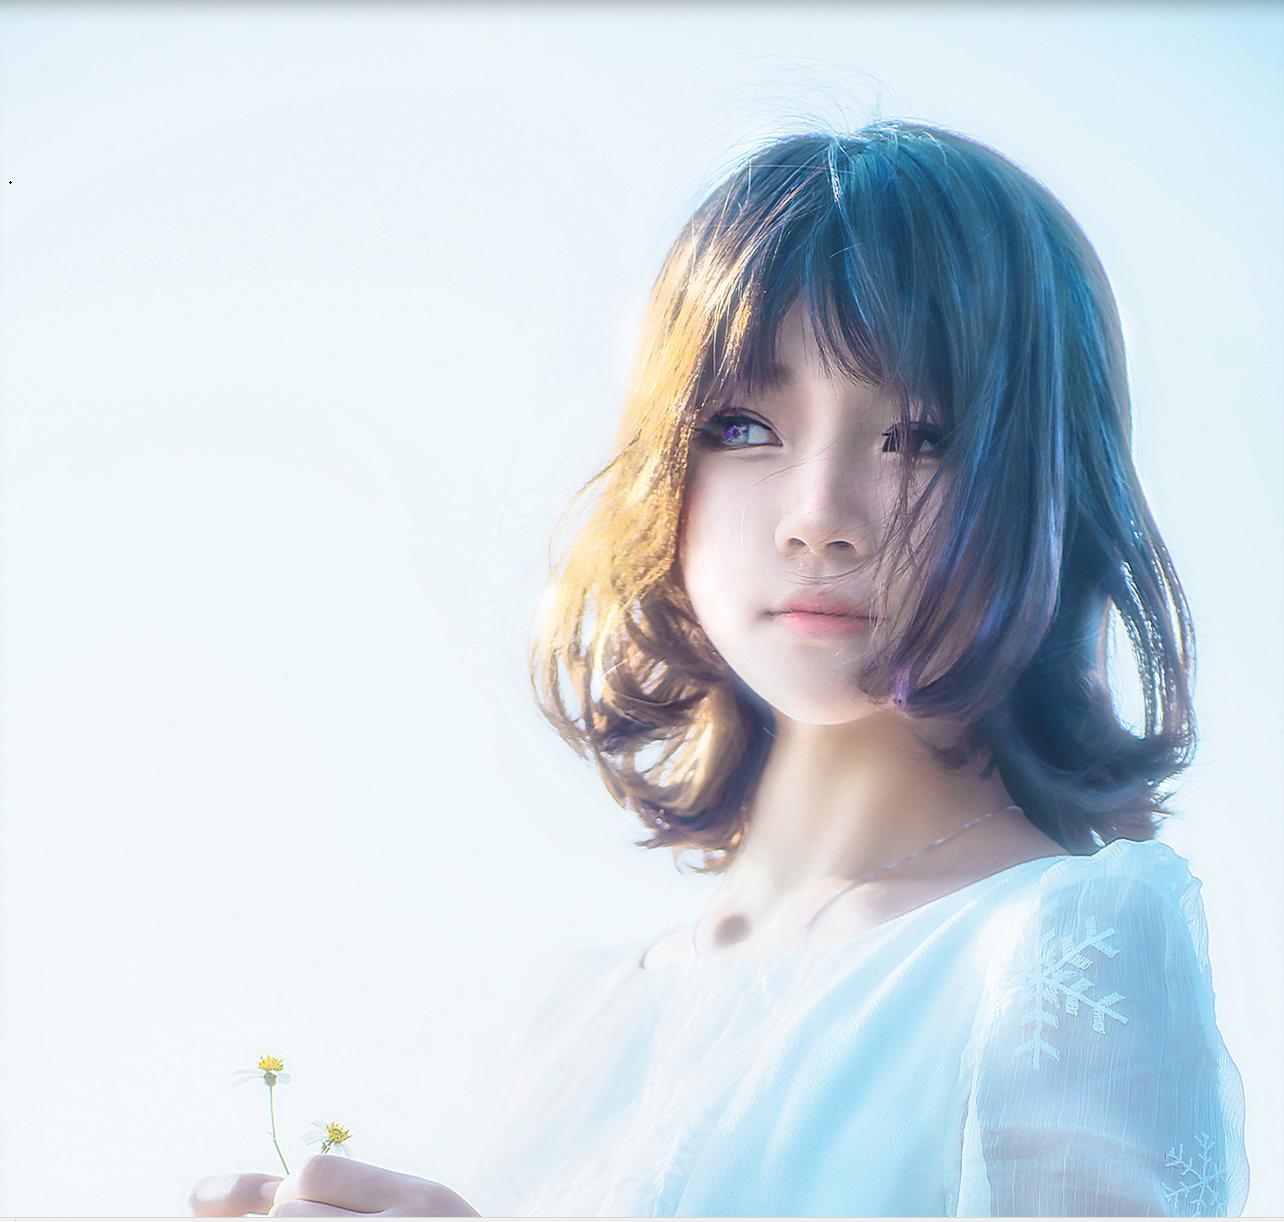 ⭐微博红人⭐桜桃喵人气Coser-空气少女【10P/8MB】插图